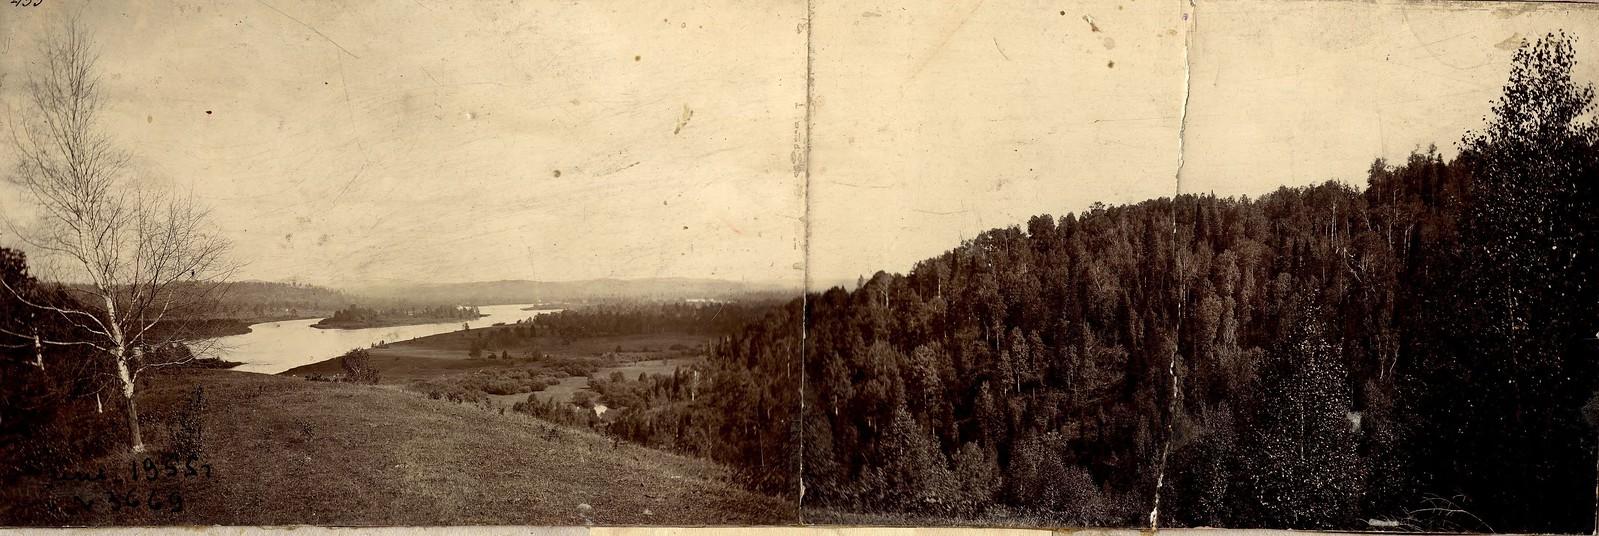 19. Черневые леса в бассейне реки Бии